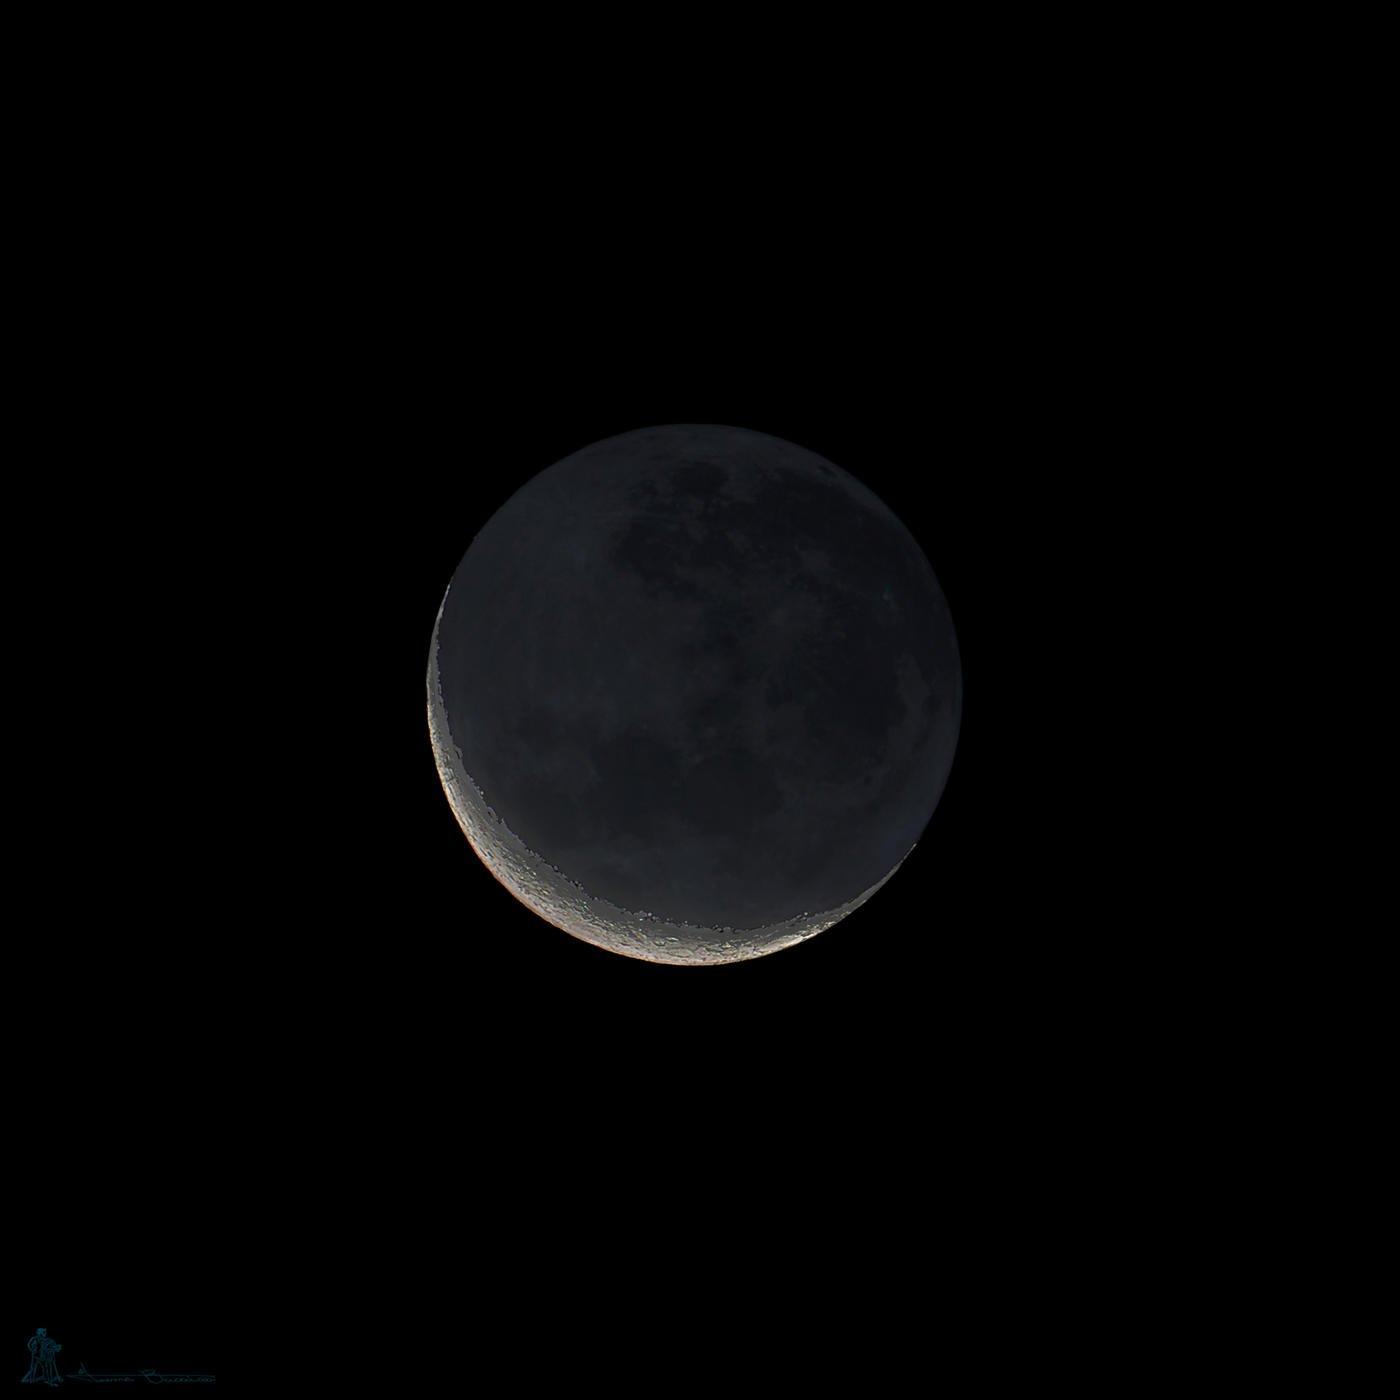 ¿Luna invisible? (Txema Bacaicoa (Colectivo IS))